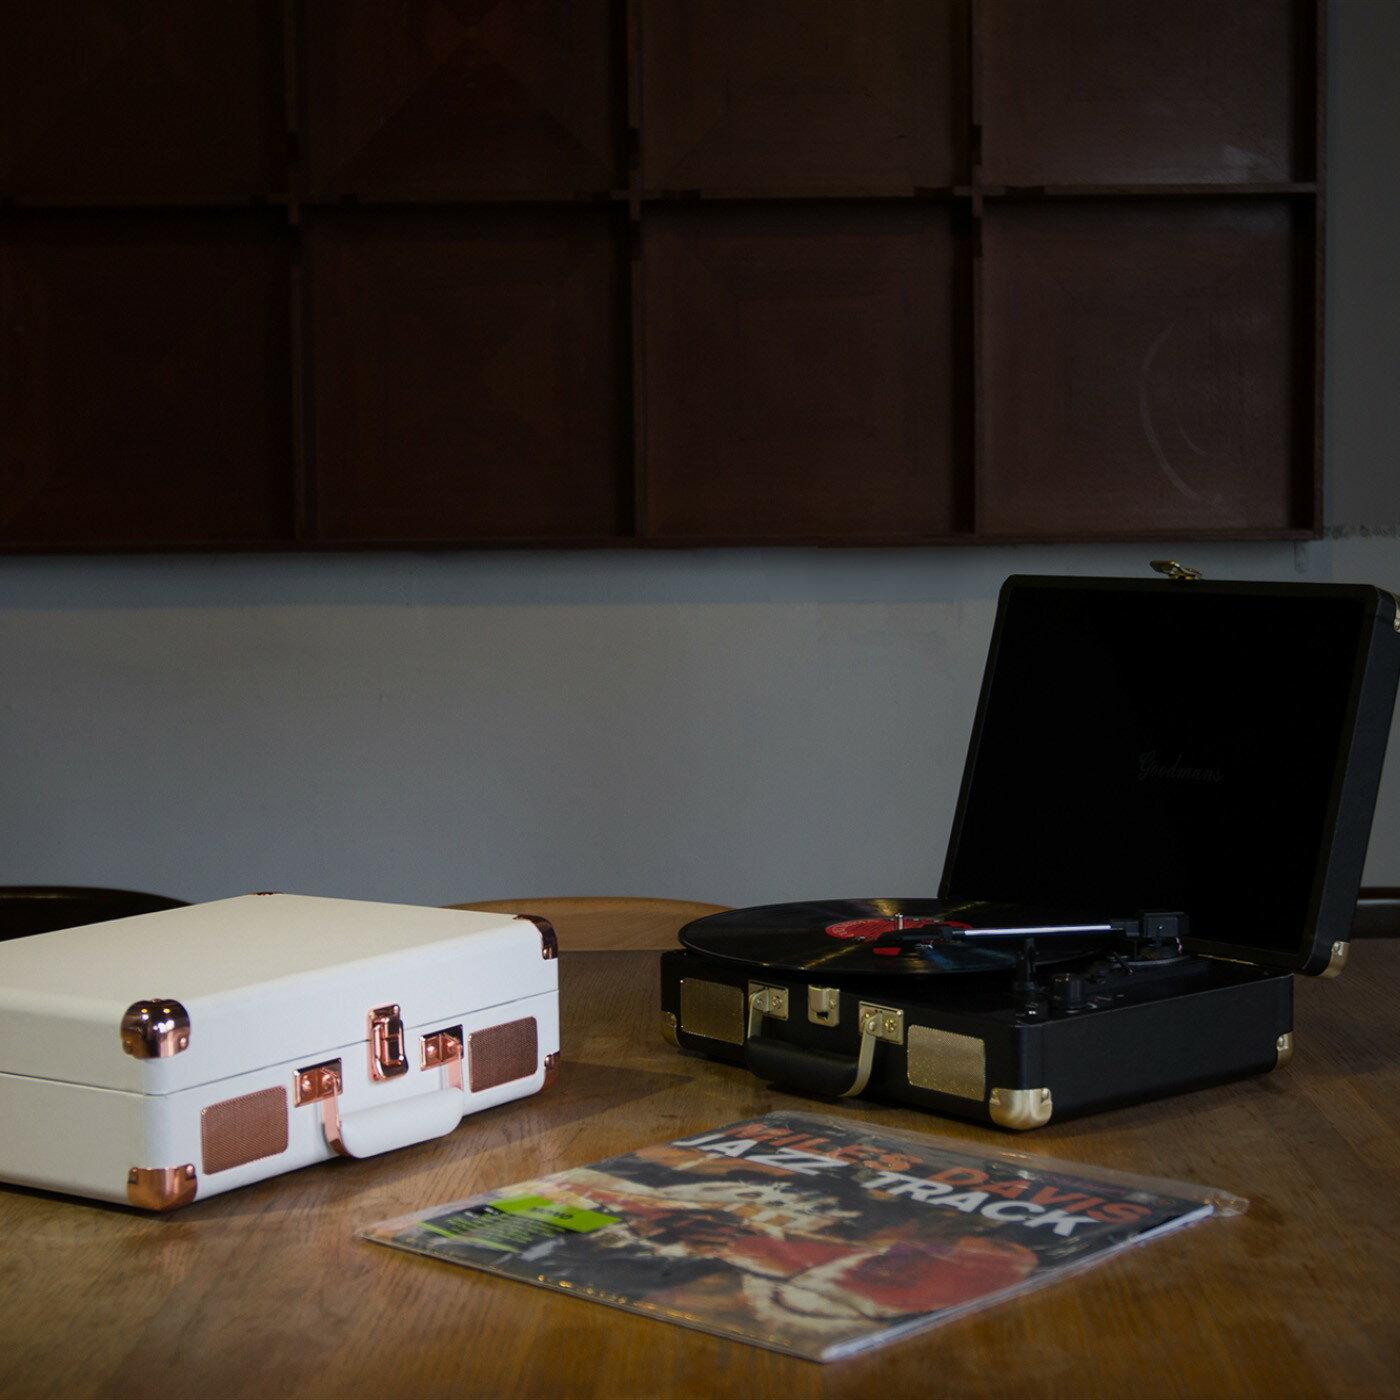 Goodmans Ealing Turntable 英國手提箱黑膠唱片機  &#8221; title=&#8221;    Goodmans Ealing Turntable 英國手提箱黑膠唱片機  &#8220;></a></p> <td> <td><a href=